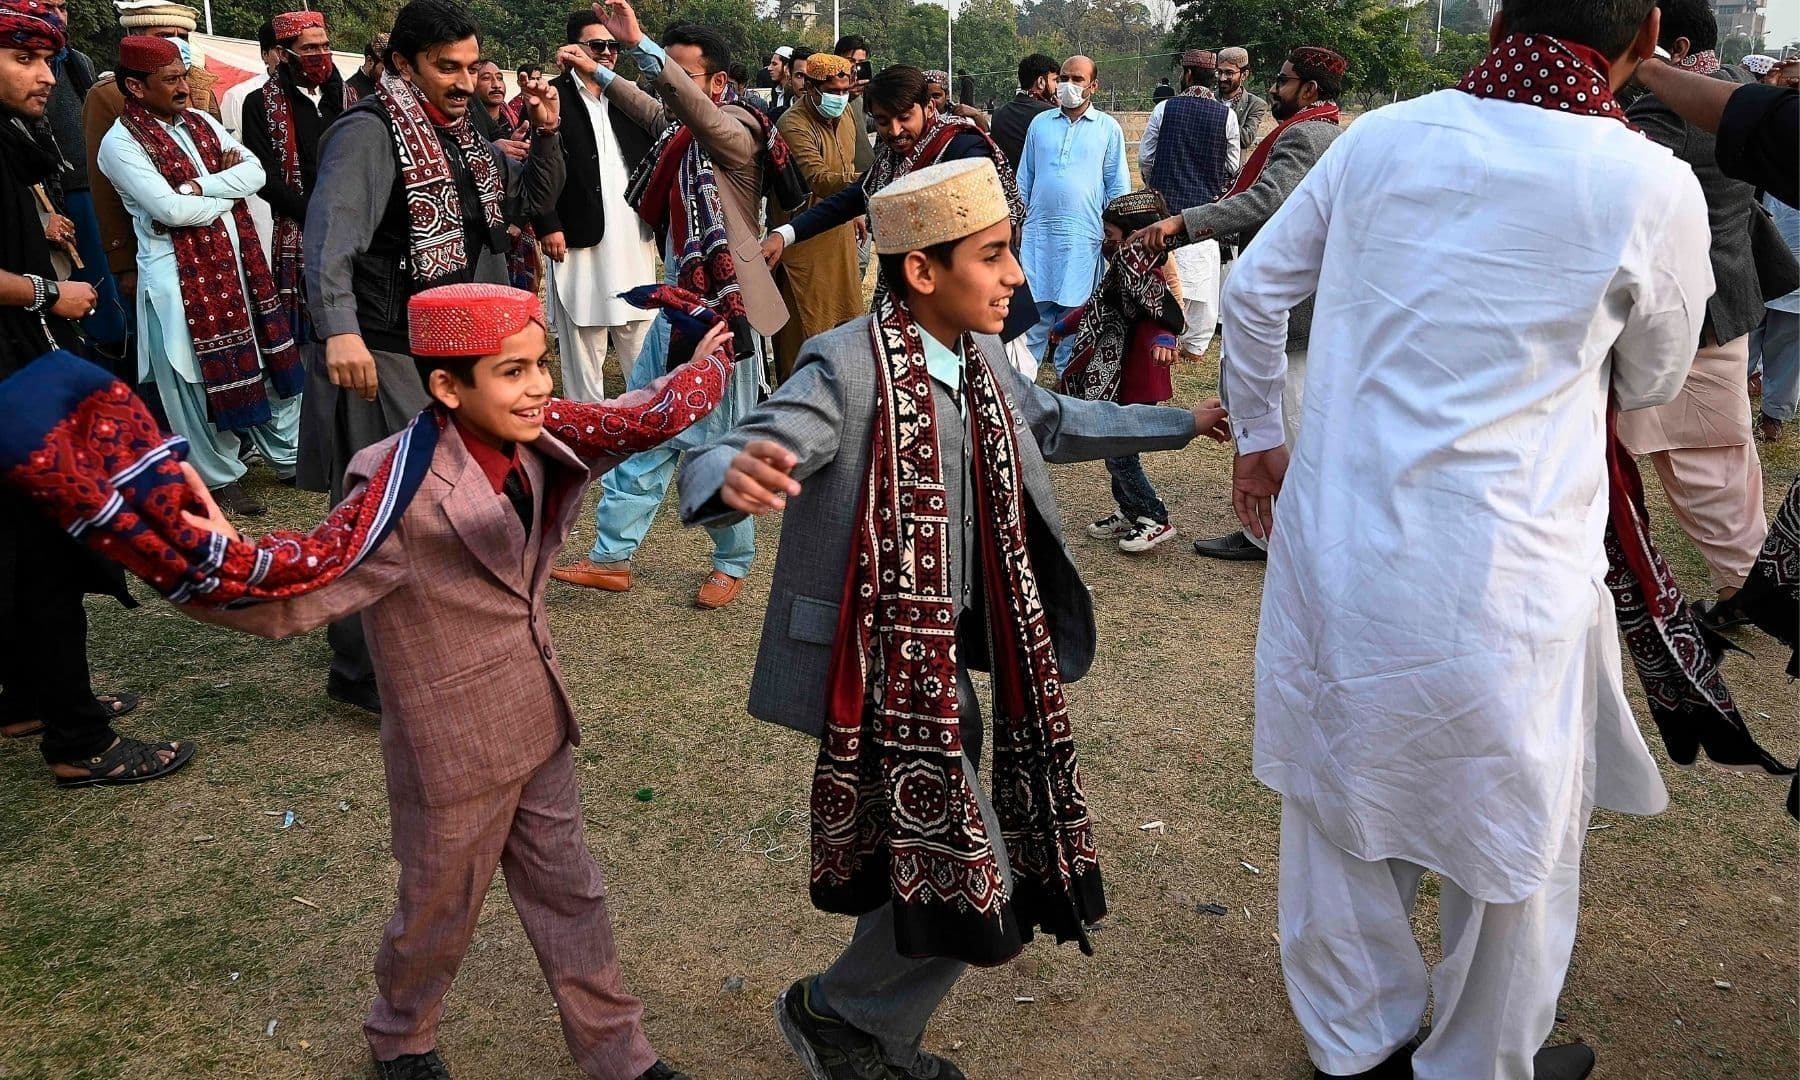 اسلام آباد میں سندھی کلچرل ڈے منایا گیا—فوٹو: اے ایف پی